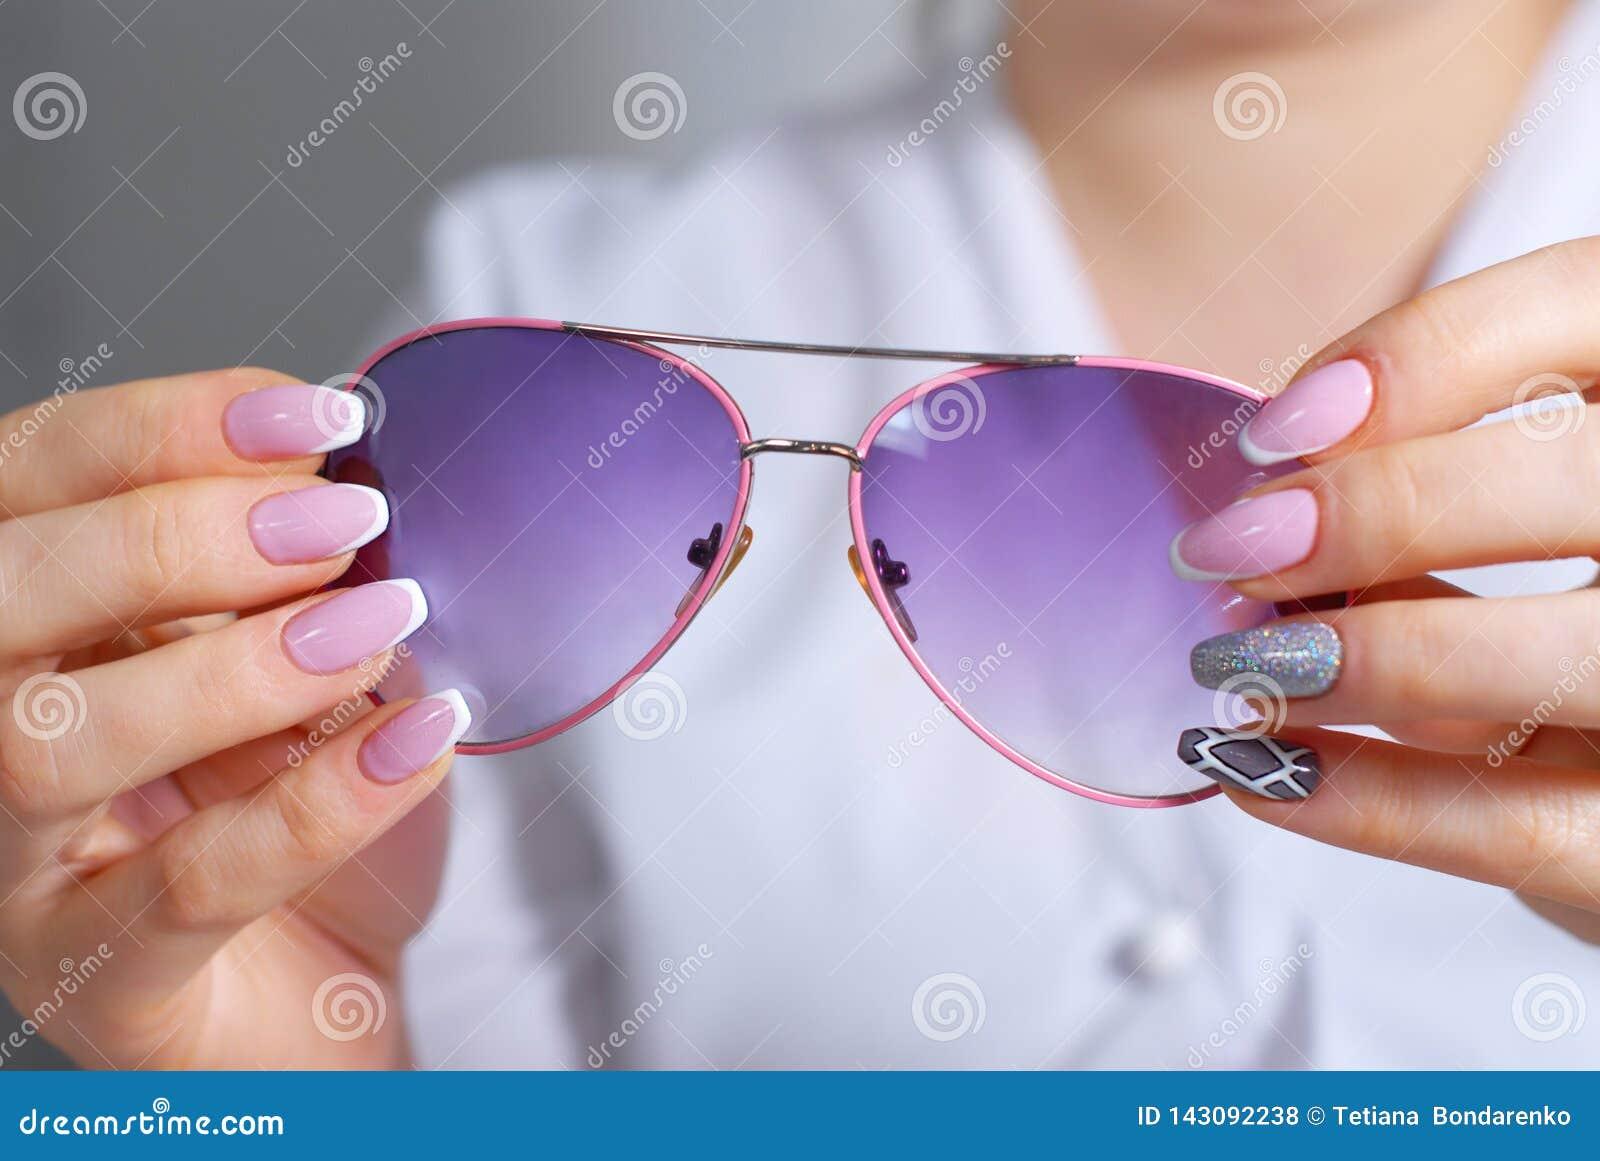 Die Hände der Frau mit einer schönen Maniküre überprüft Sonnenbrille